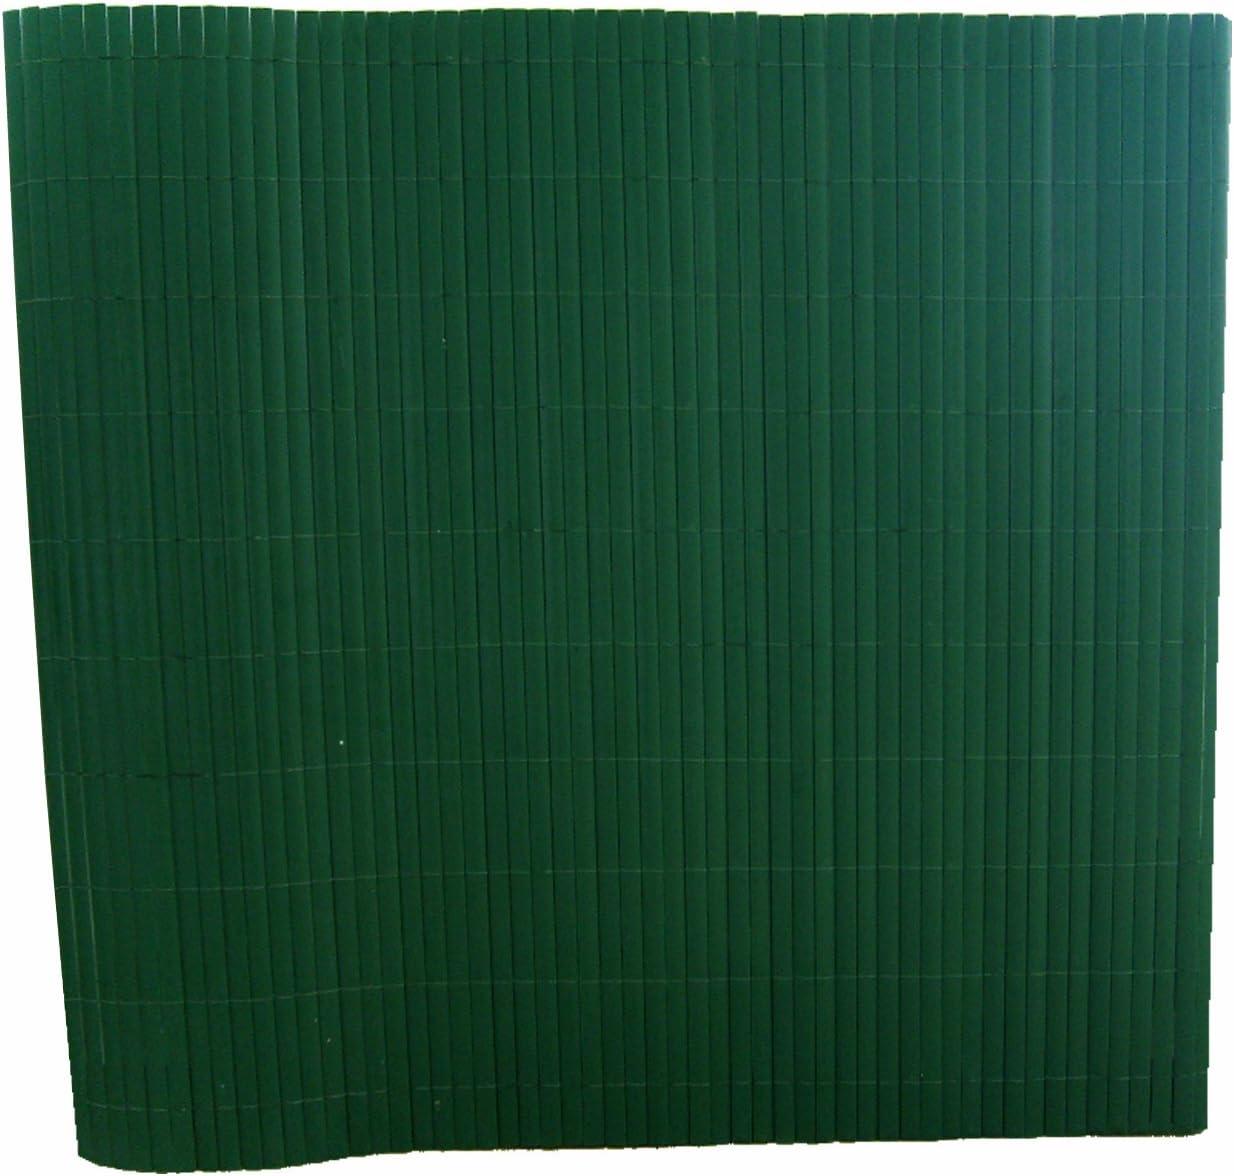 Arebos PVC protezione visiva strisce ruolo RECINZIONE BALCONE PROTEZIONE VISIVA a rullo oscurante per recinzioni 35m